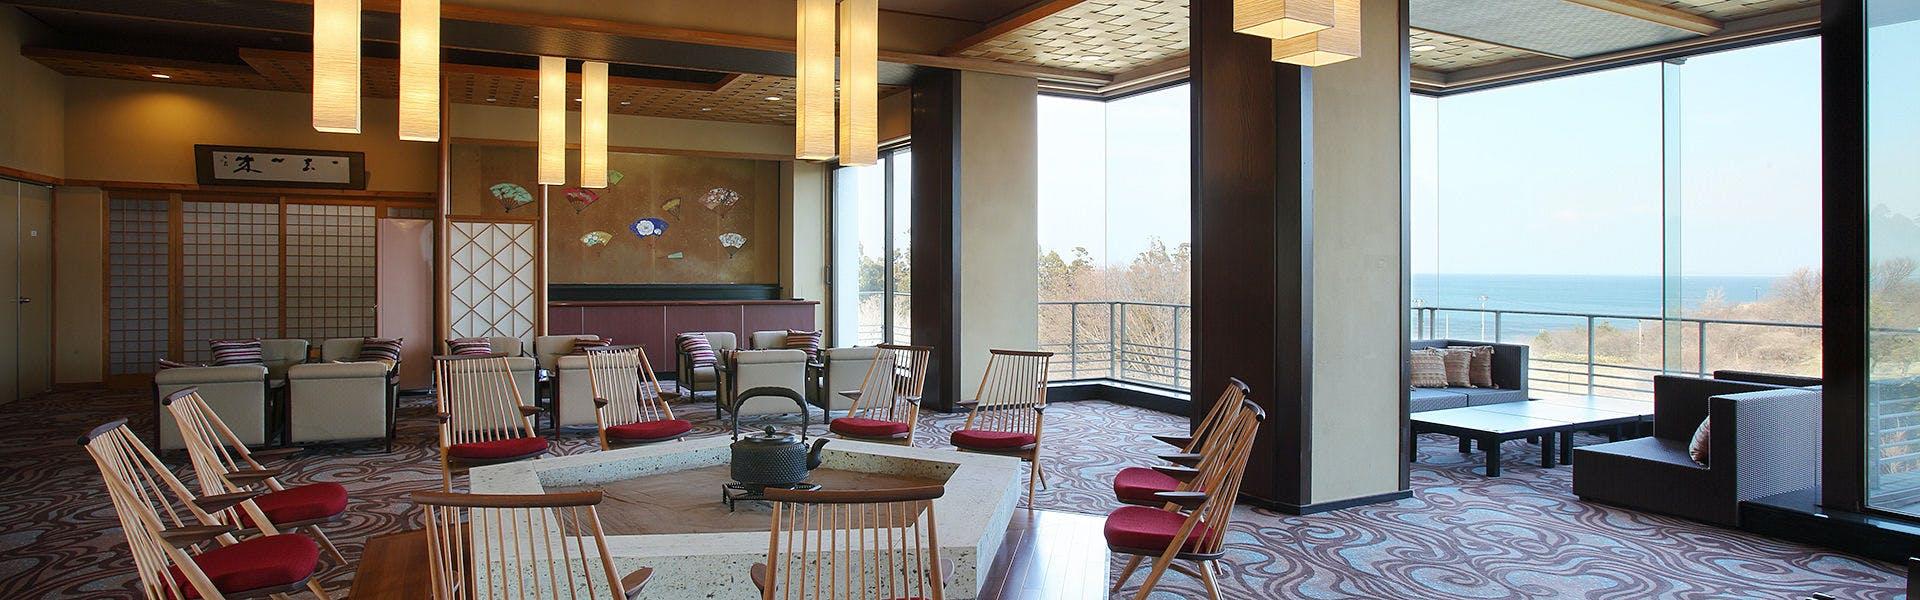 記念日におすすめのホテル・【男鹿温泉 結いの宿 別邸つばき】 の空室状況を確認するの写真2